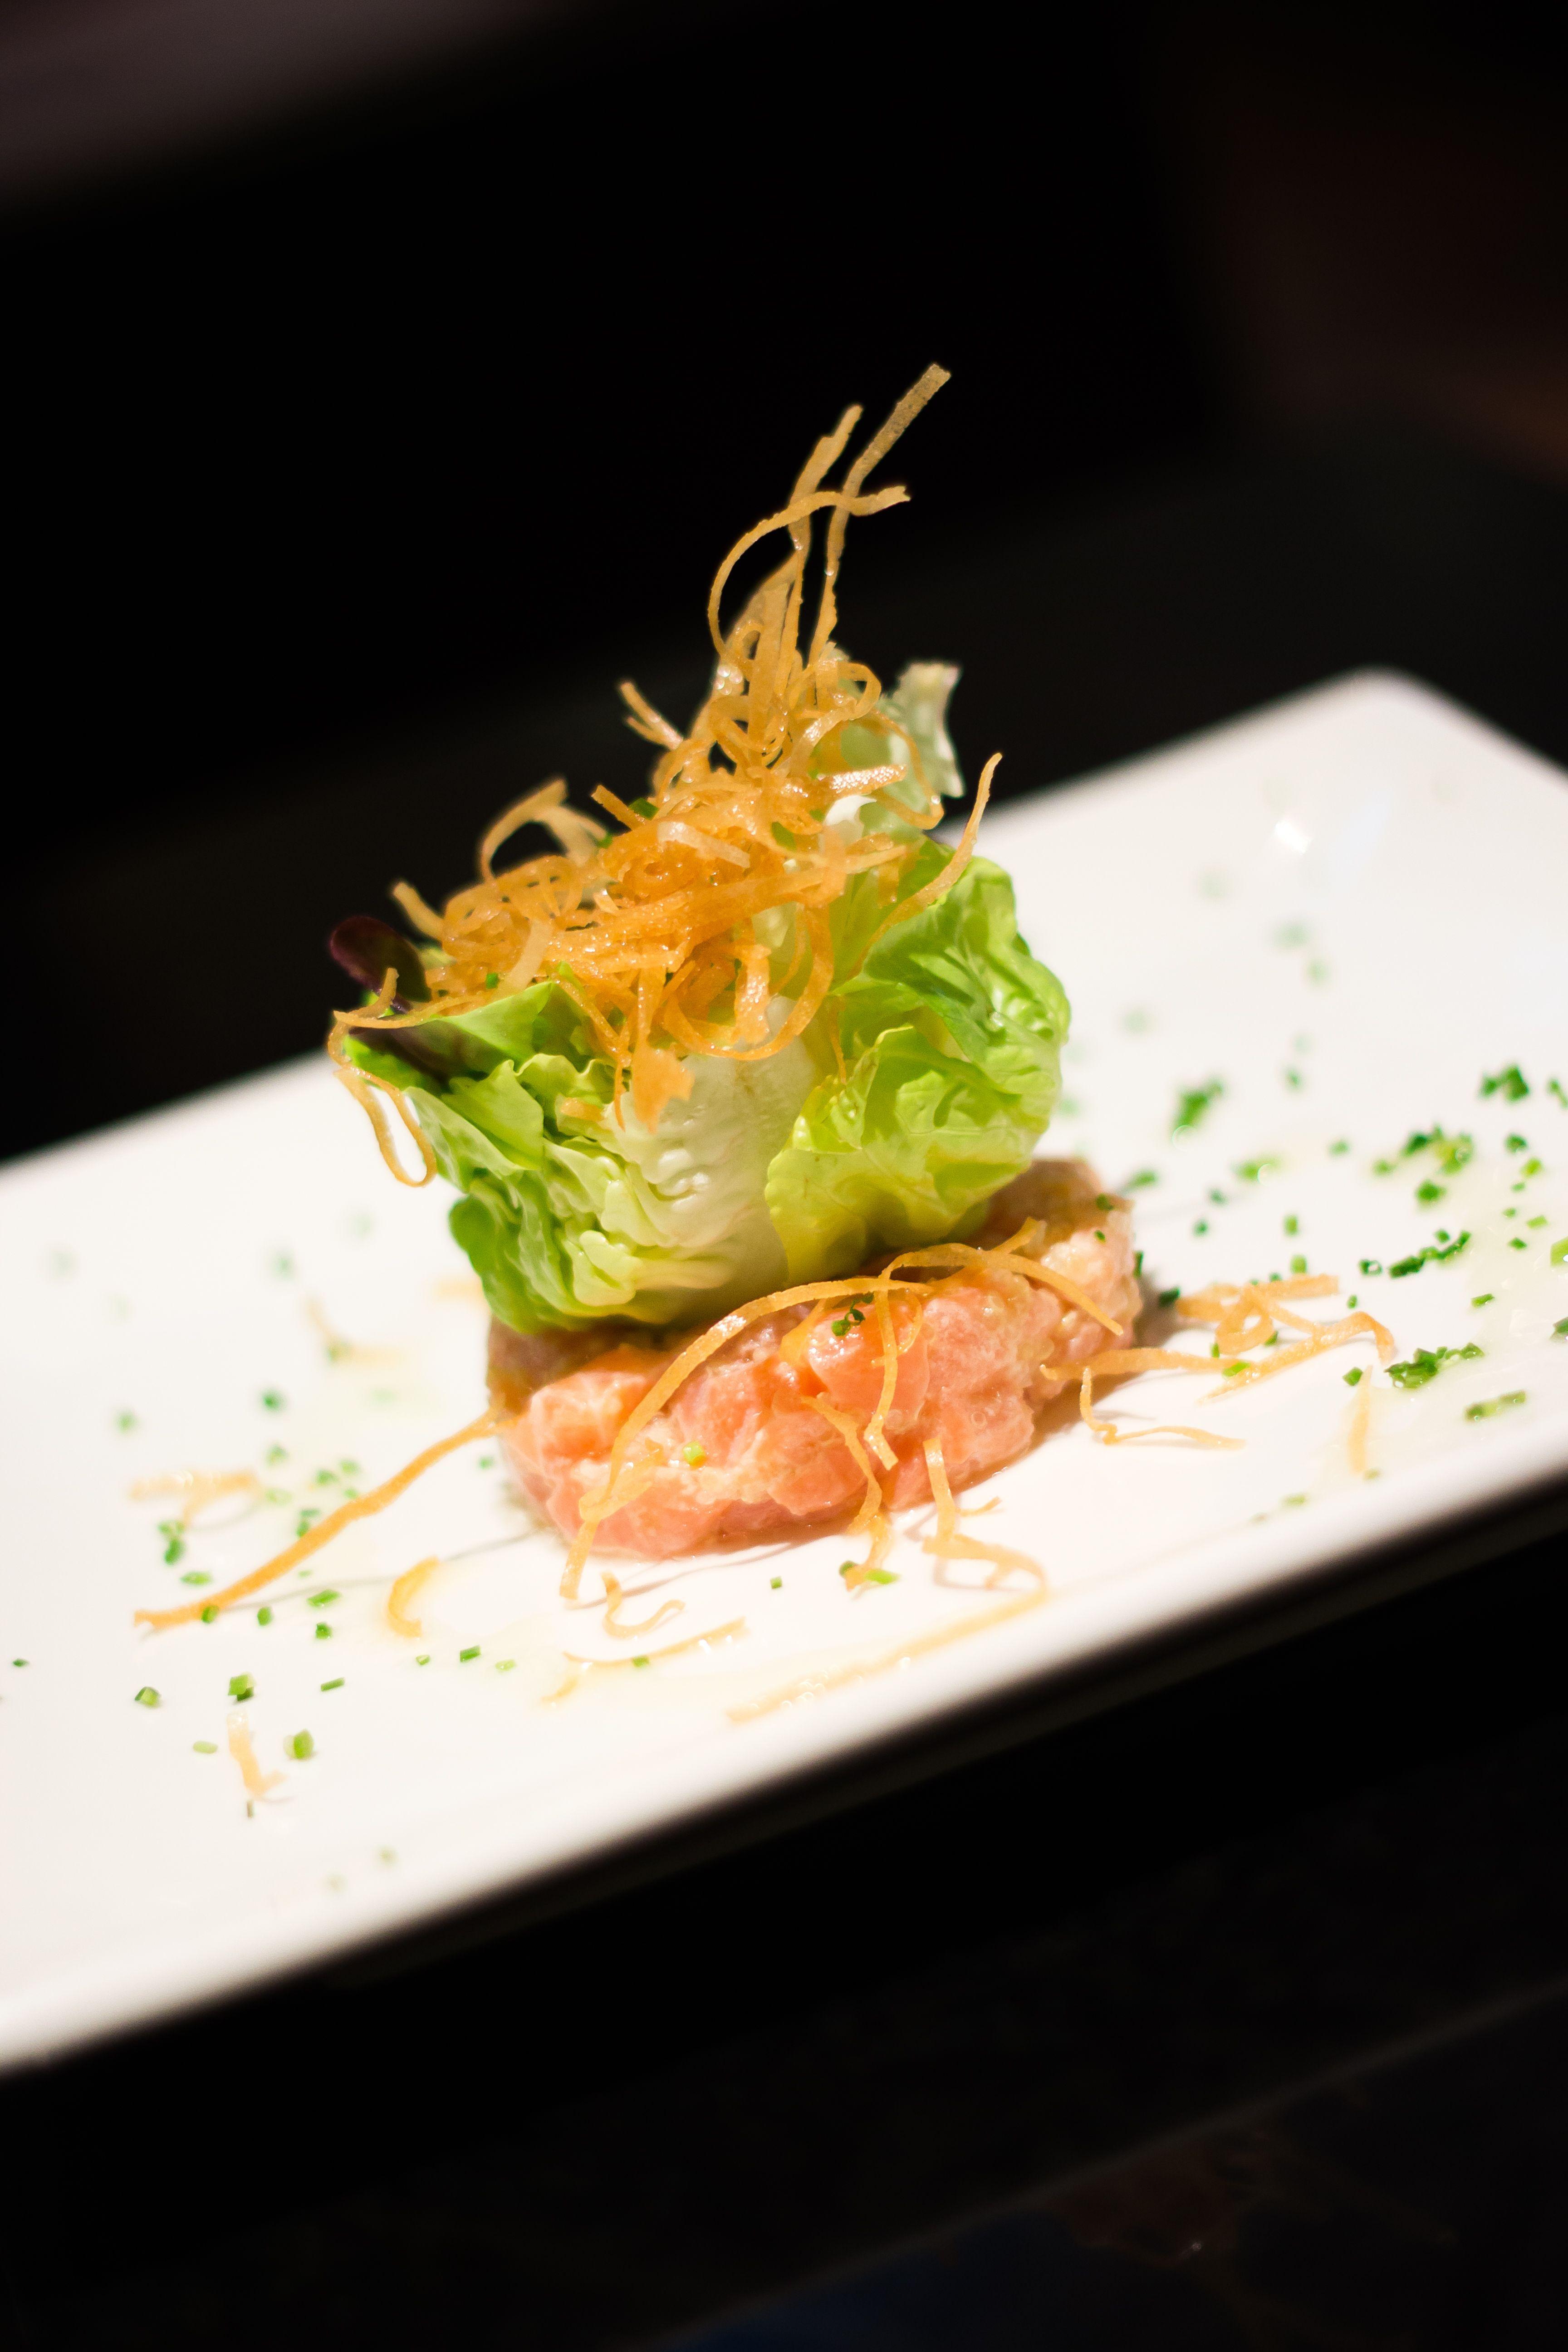 Salmon Tartar - Tartar de salmão com quinoa - TokYo! Restaurante Café Londrina #soutokyo #restaurante #japones #londrina #rodizio #japanese #food #chef #adriano #kanashiro #cooking